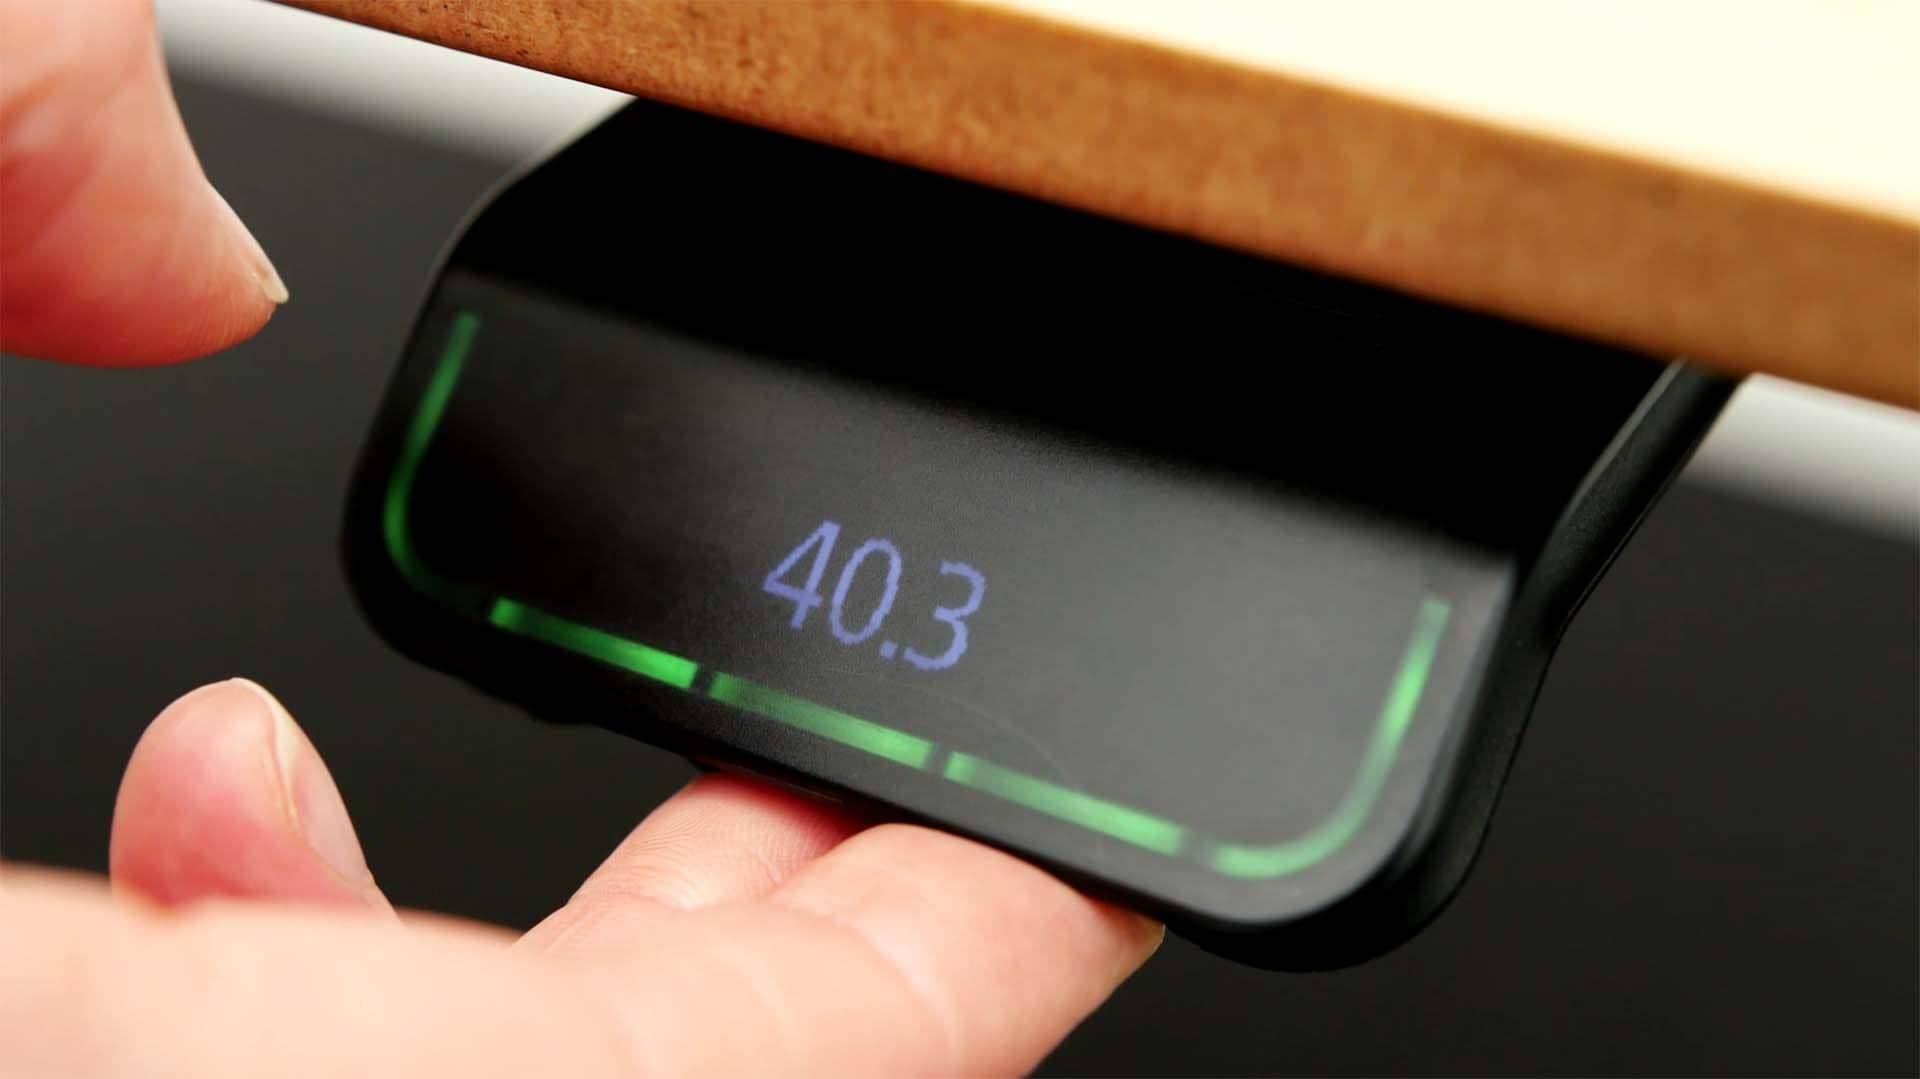 DPG - 책상 자체의 높이를 올바르게 설정하는 방법